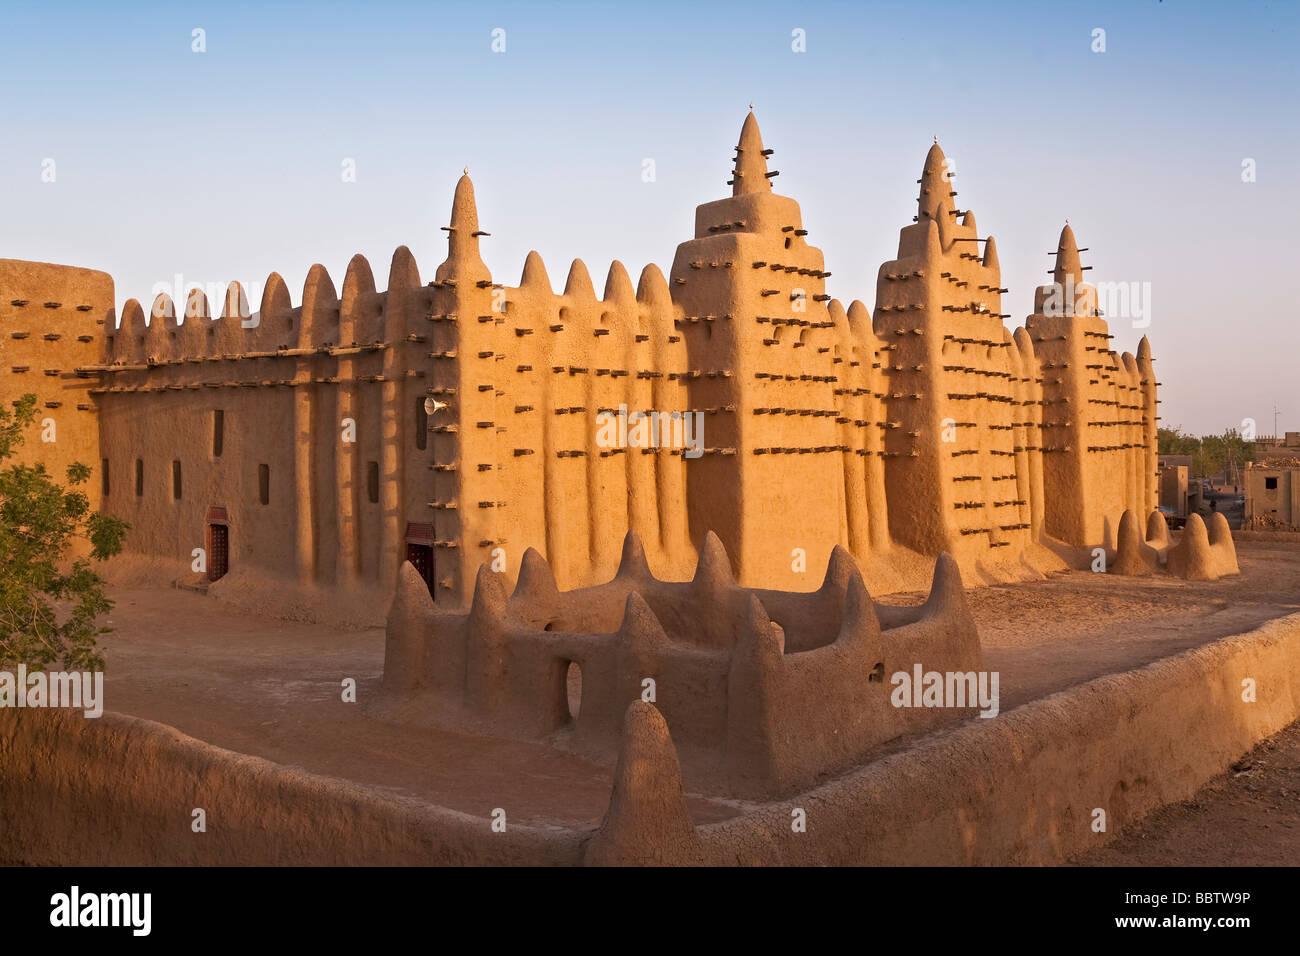 Grande Mesquita de Djenne, Djenne, Mopti Região, Níger Delta terrestre, Mali, África Ocidental Imagens de Stock